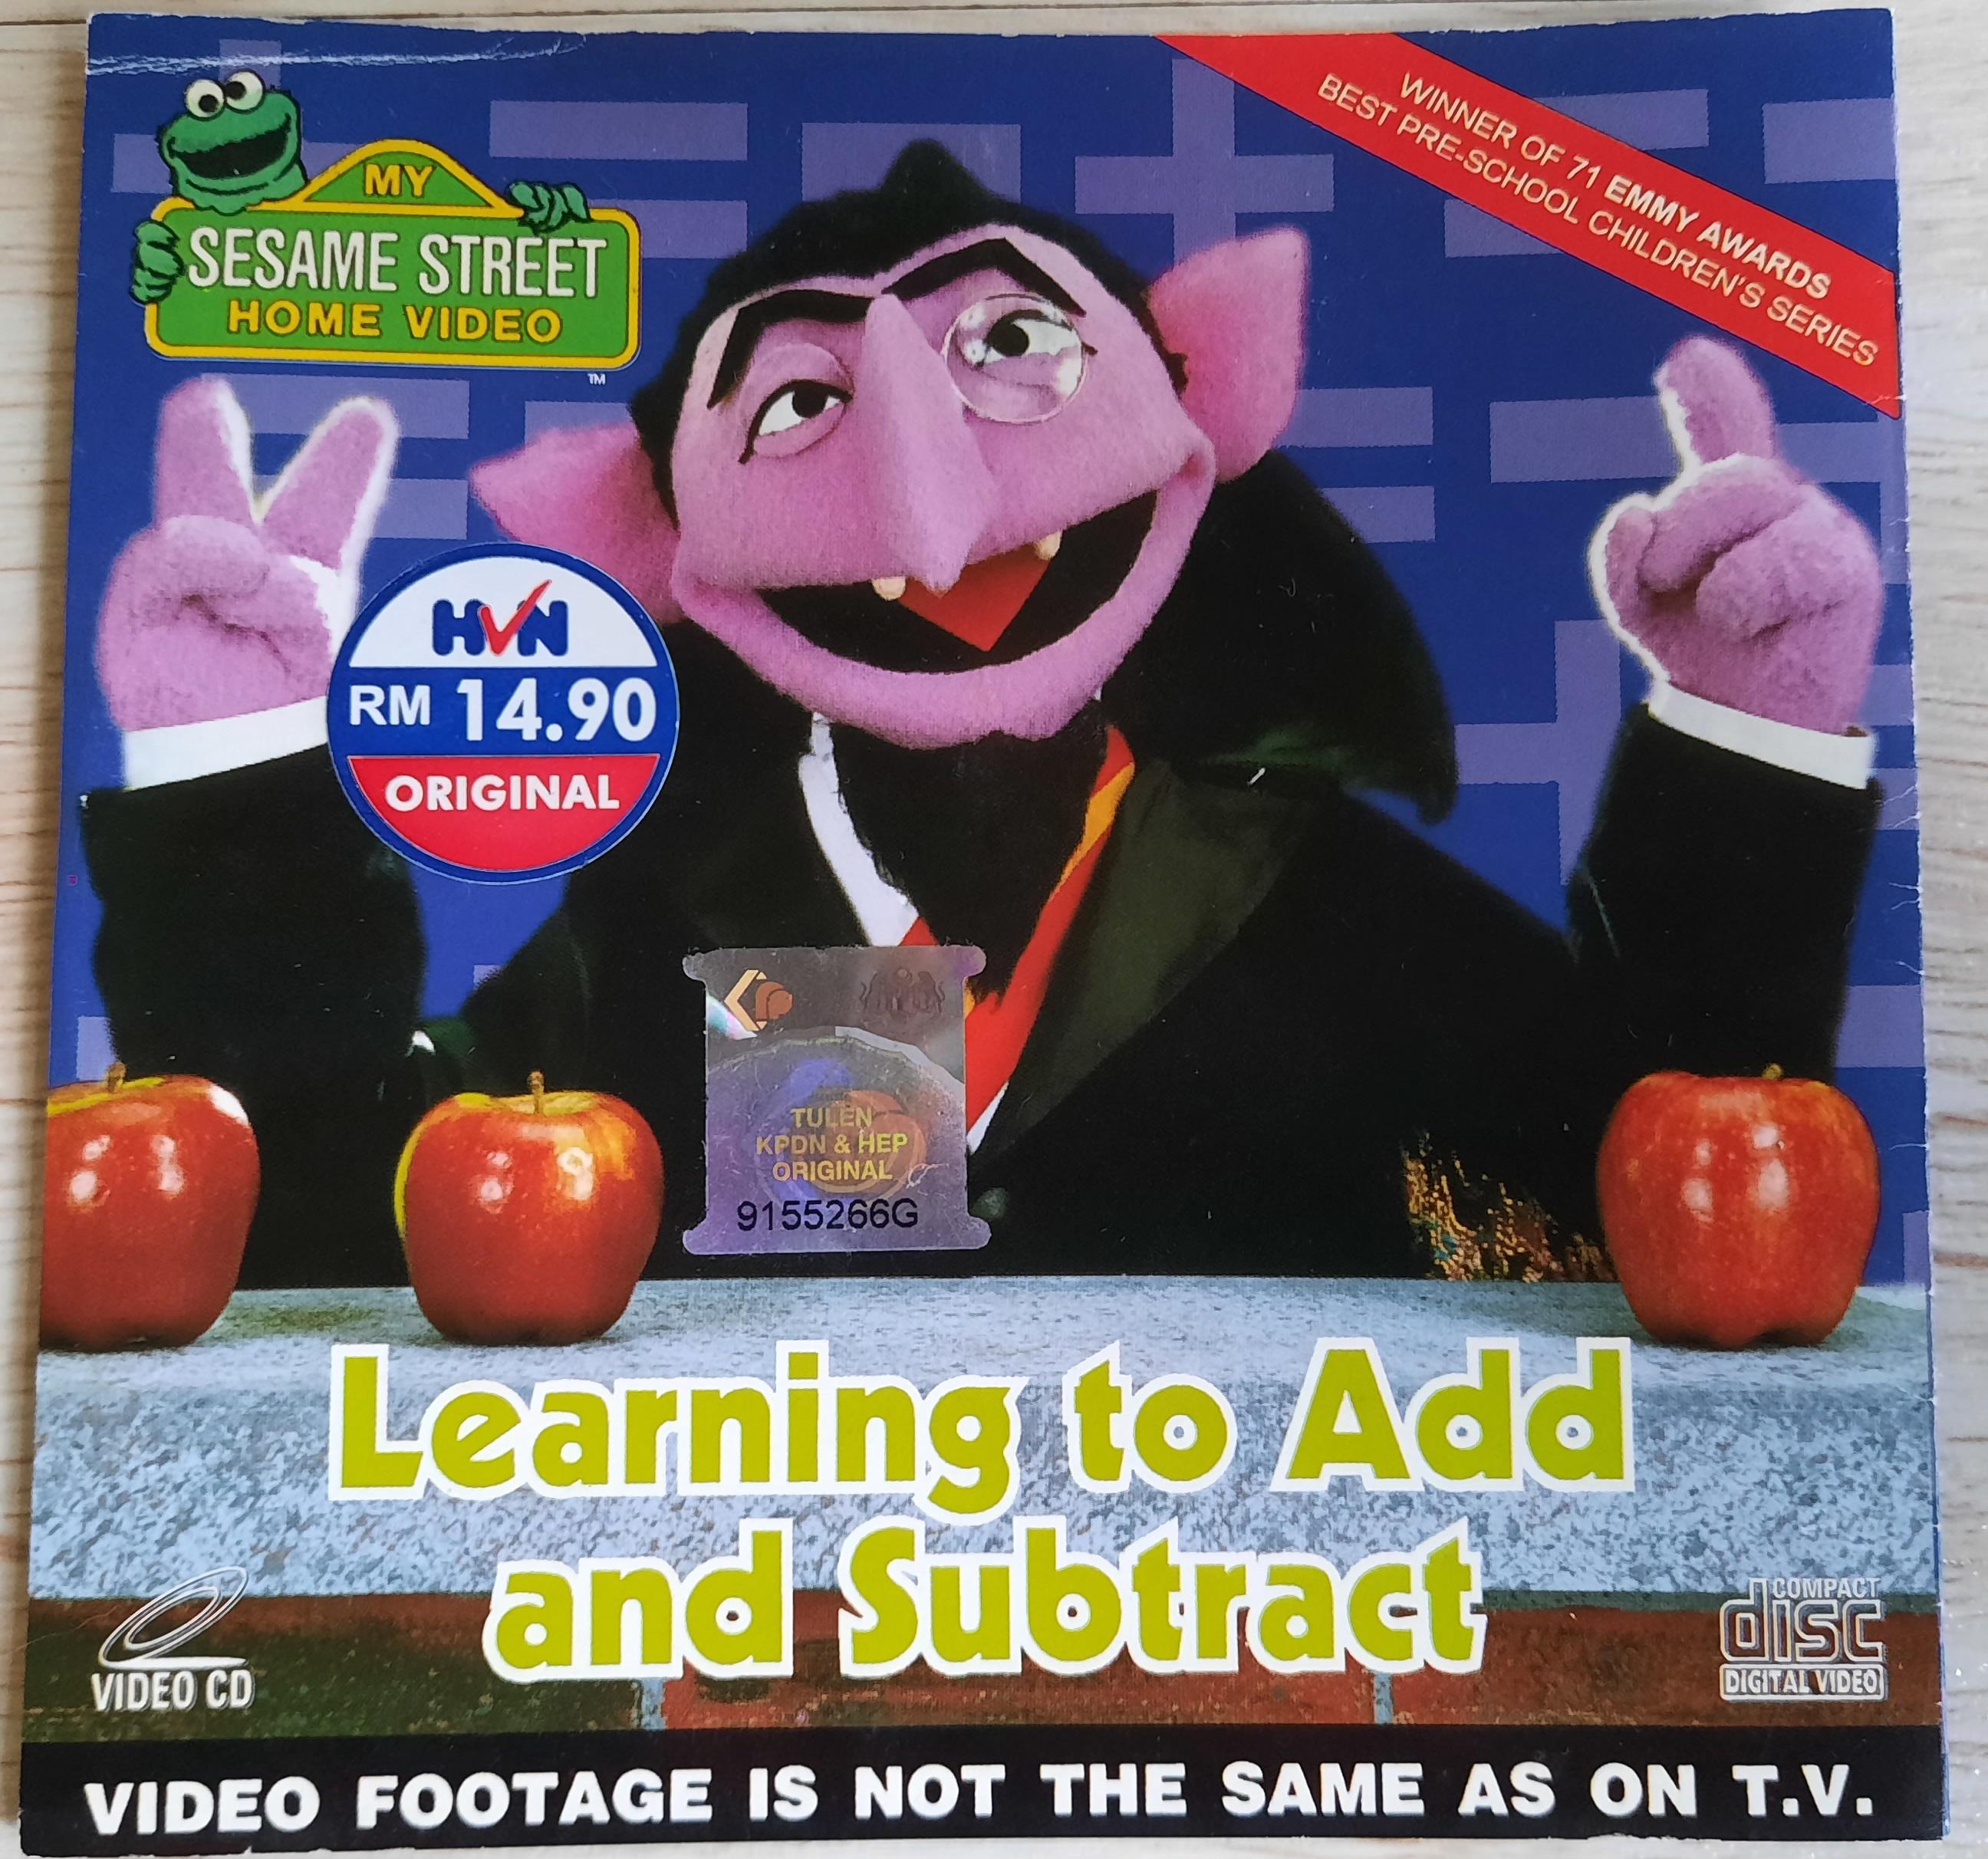 Learningtoaddandsubtractasianvcd